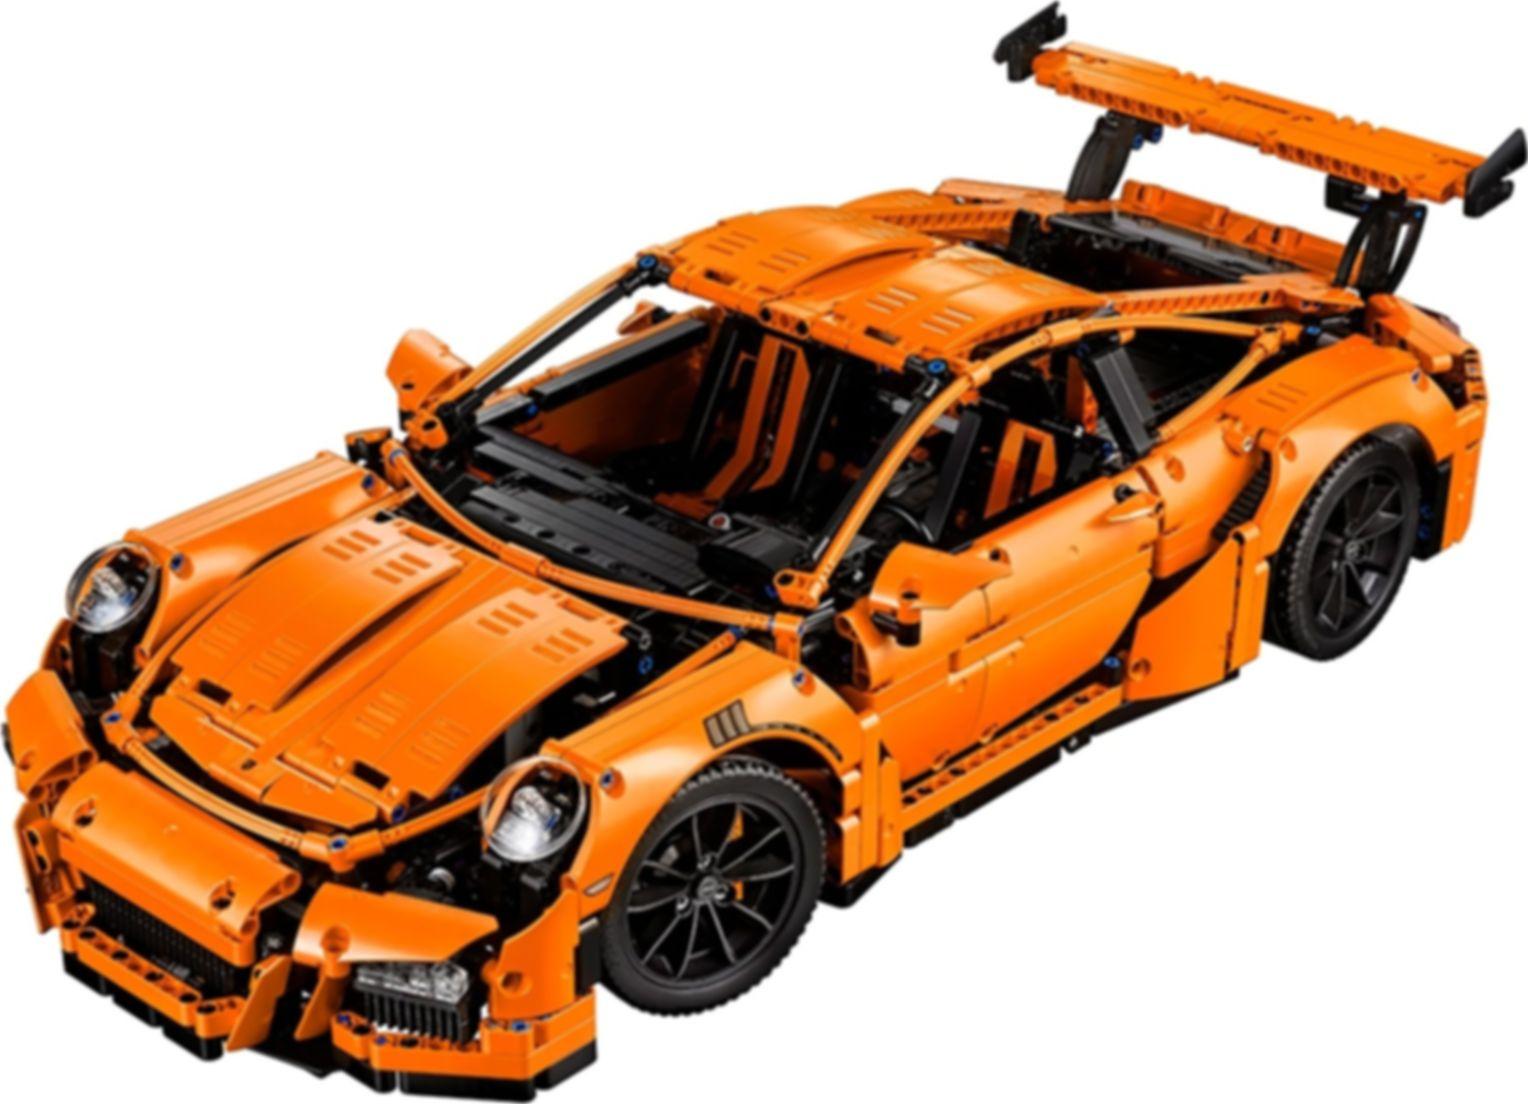 Porsche 911 GT3 RS components